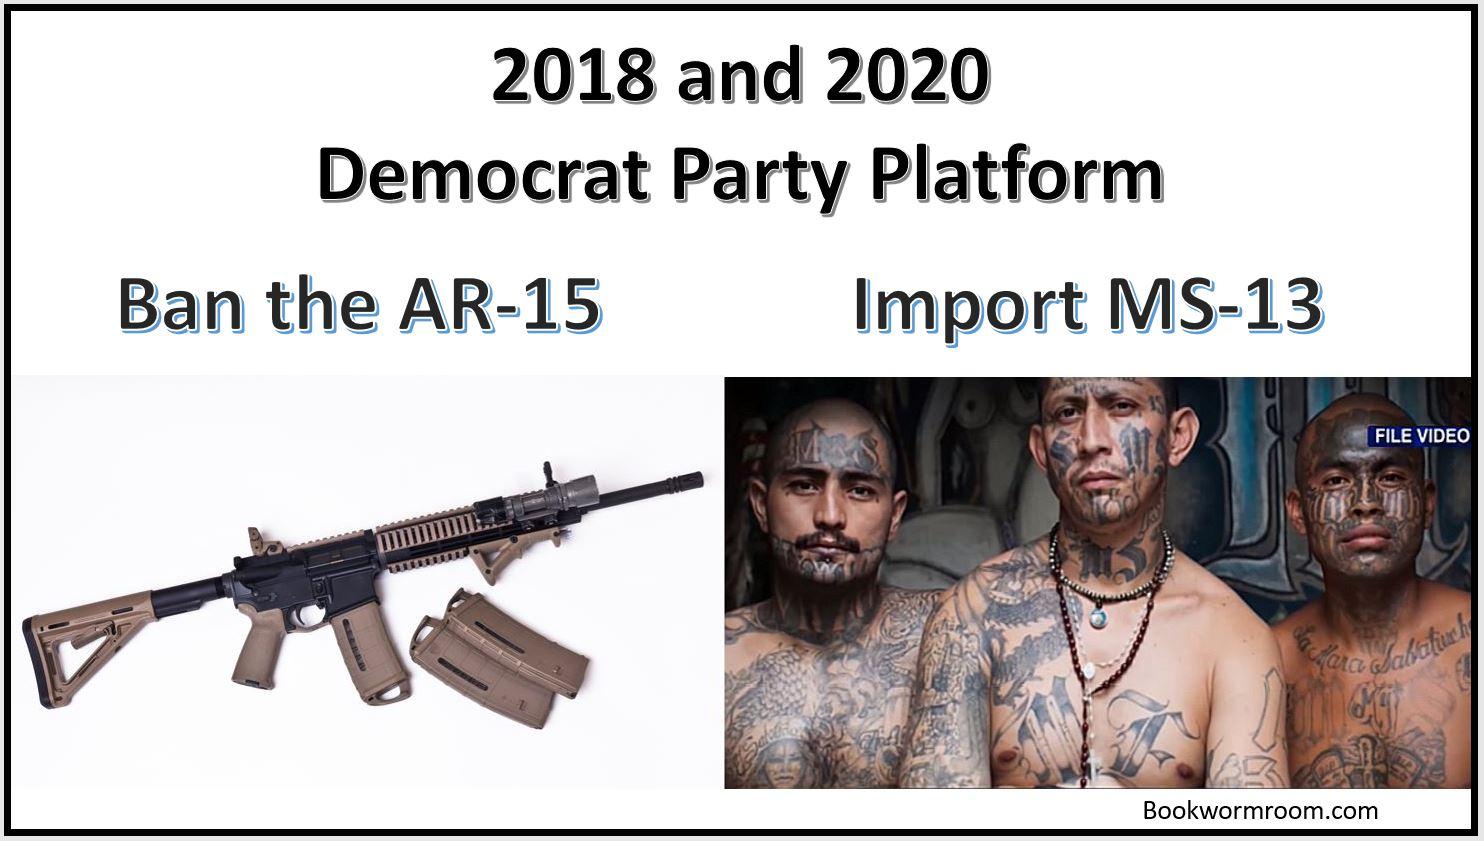 MS-13 AR-15 Democrats